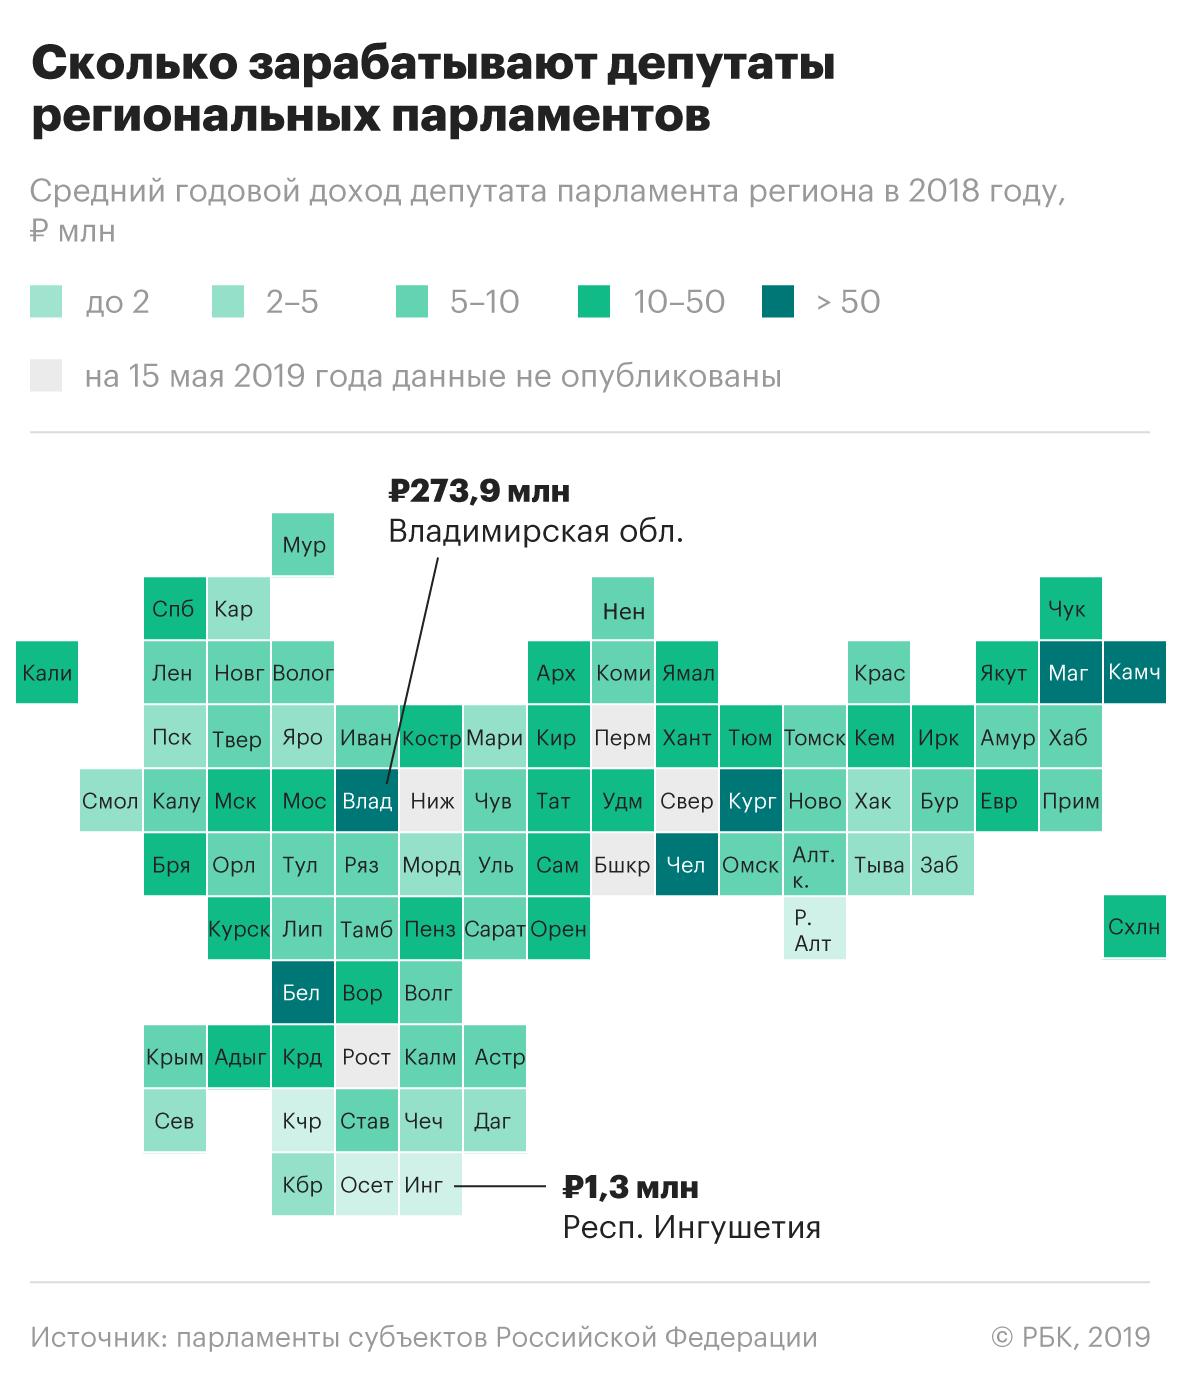 У 60 региональных депутатов оказался доход ниже прожиточного минимума